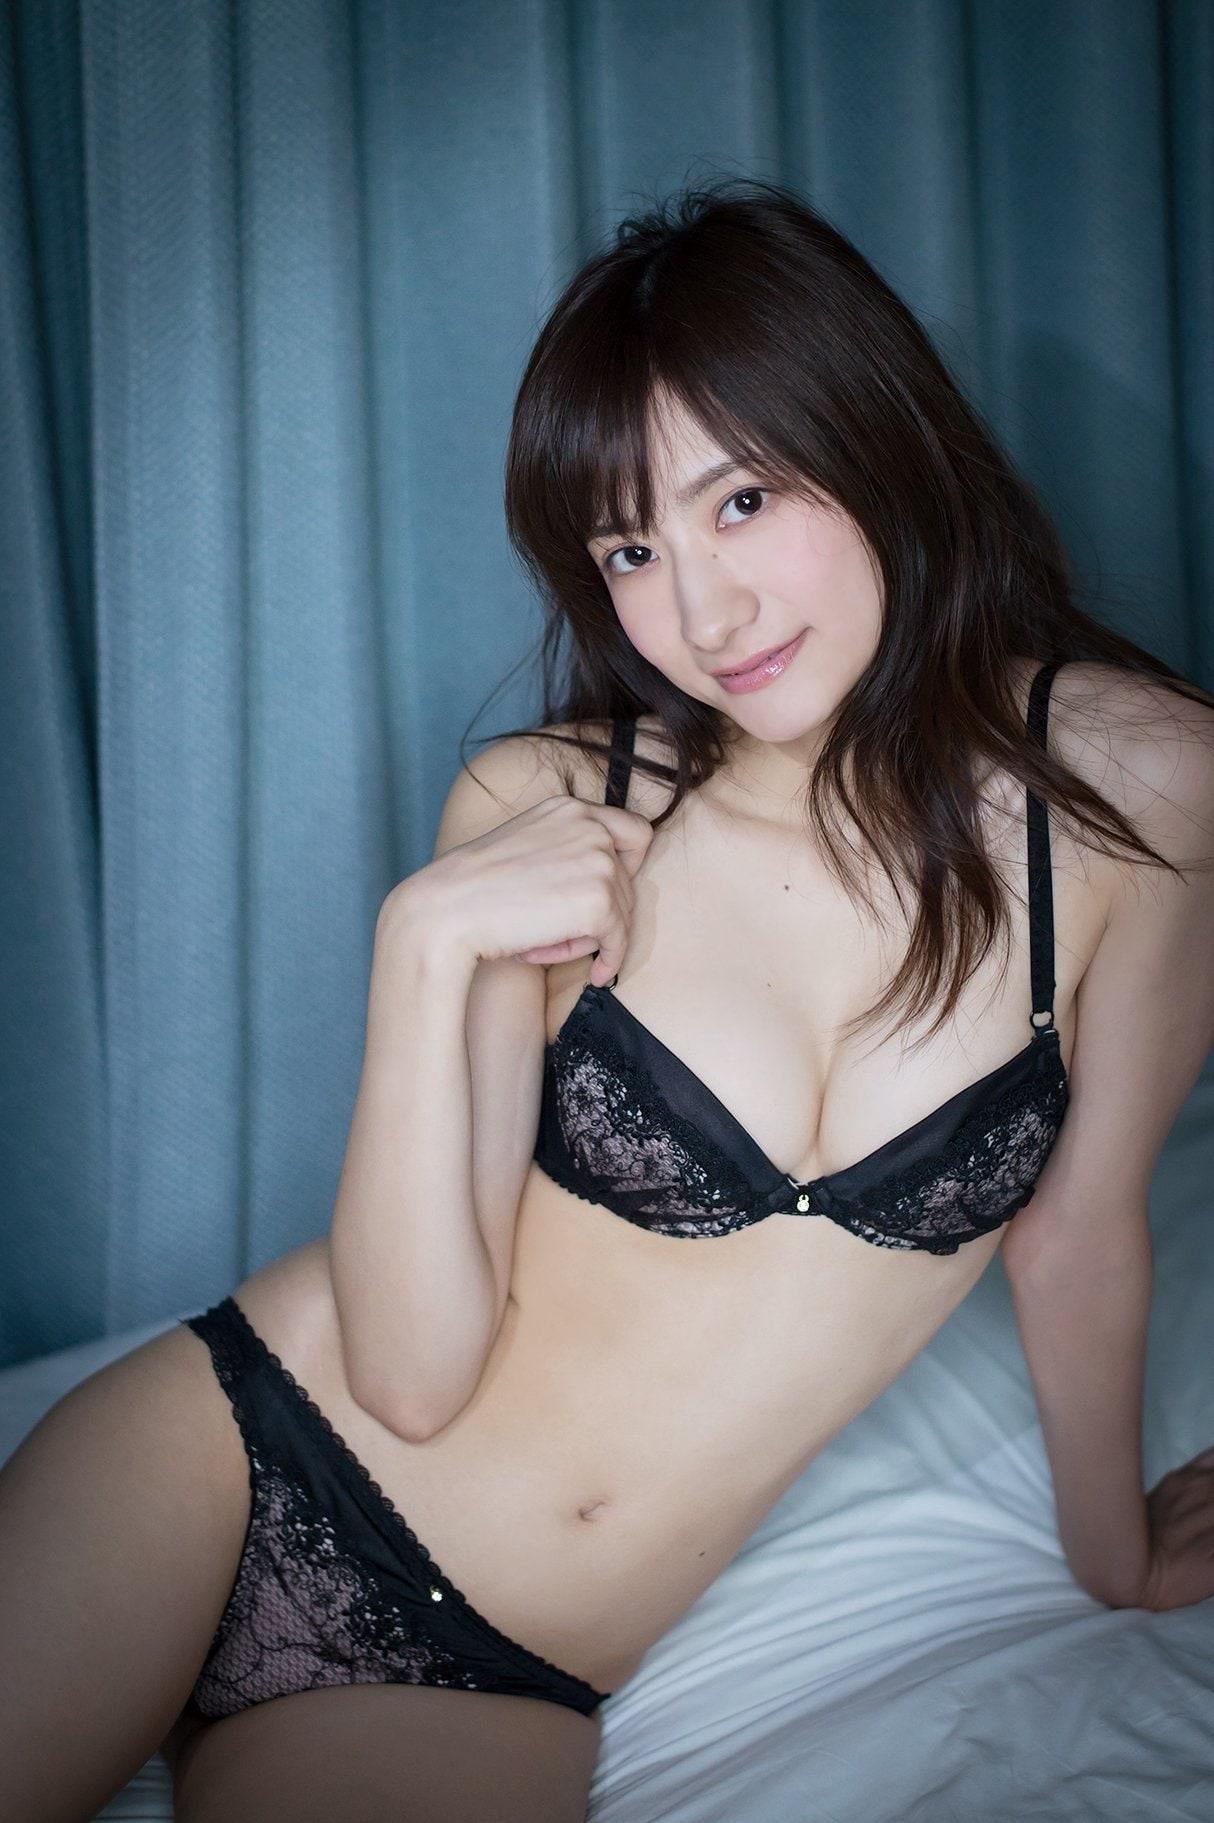 外崎梨香「スレンダー巨乳」完璧ボディがびしょ濡れ!【写真15枚】の画像013